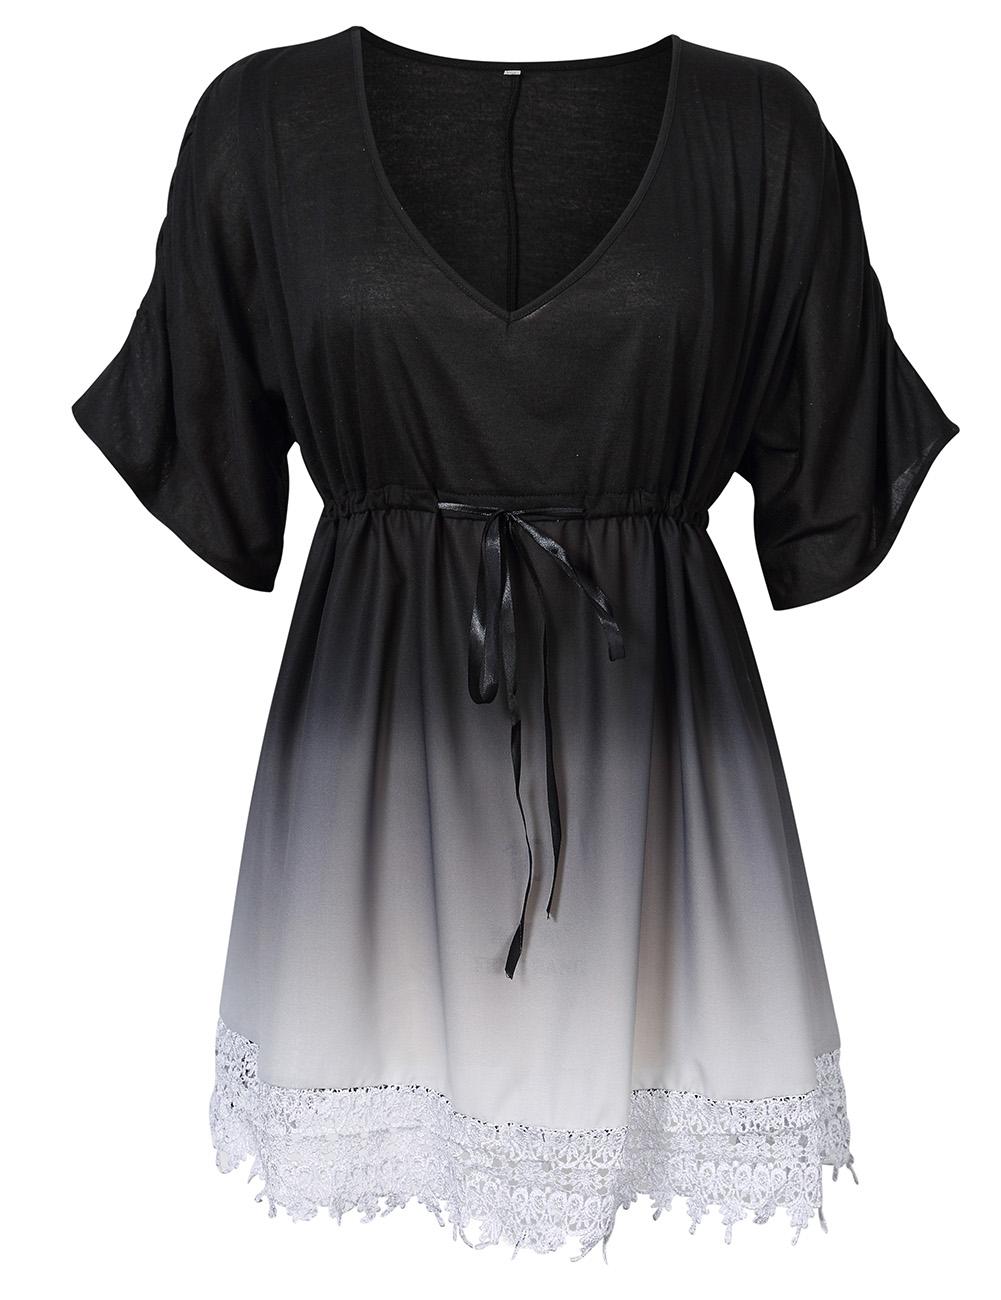 [EU Direct] AMZ PLUS Women Plus Size Casual V-neck Contrast Lace Trim Summer Dress